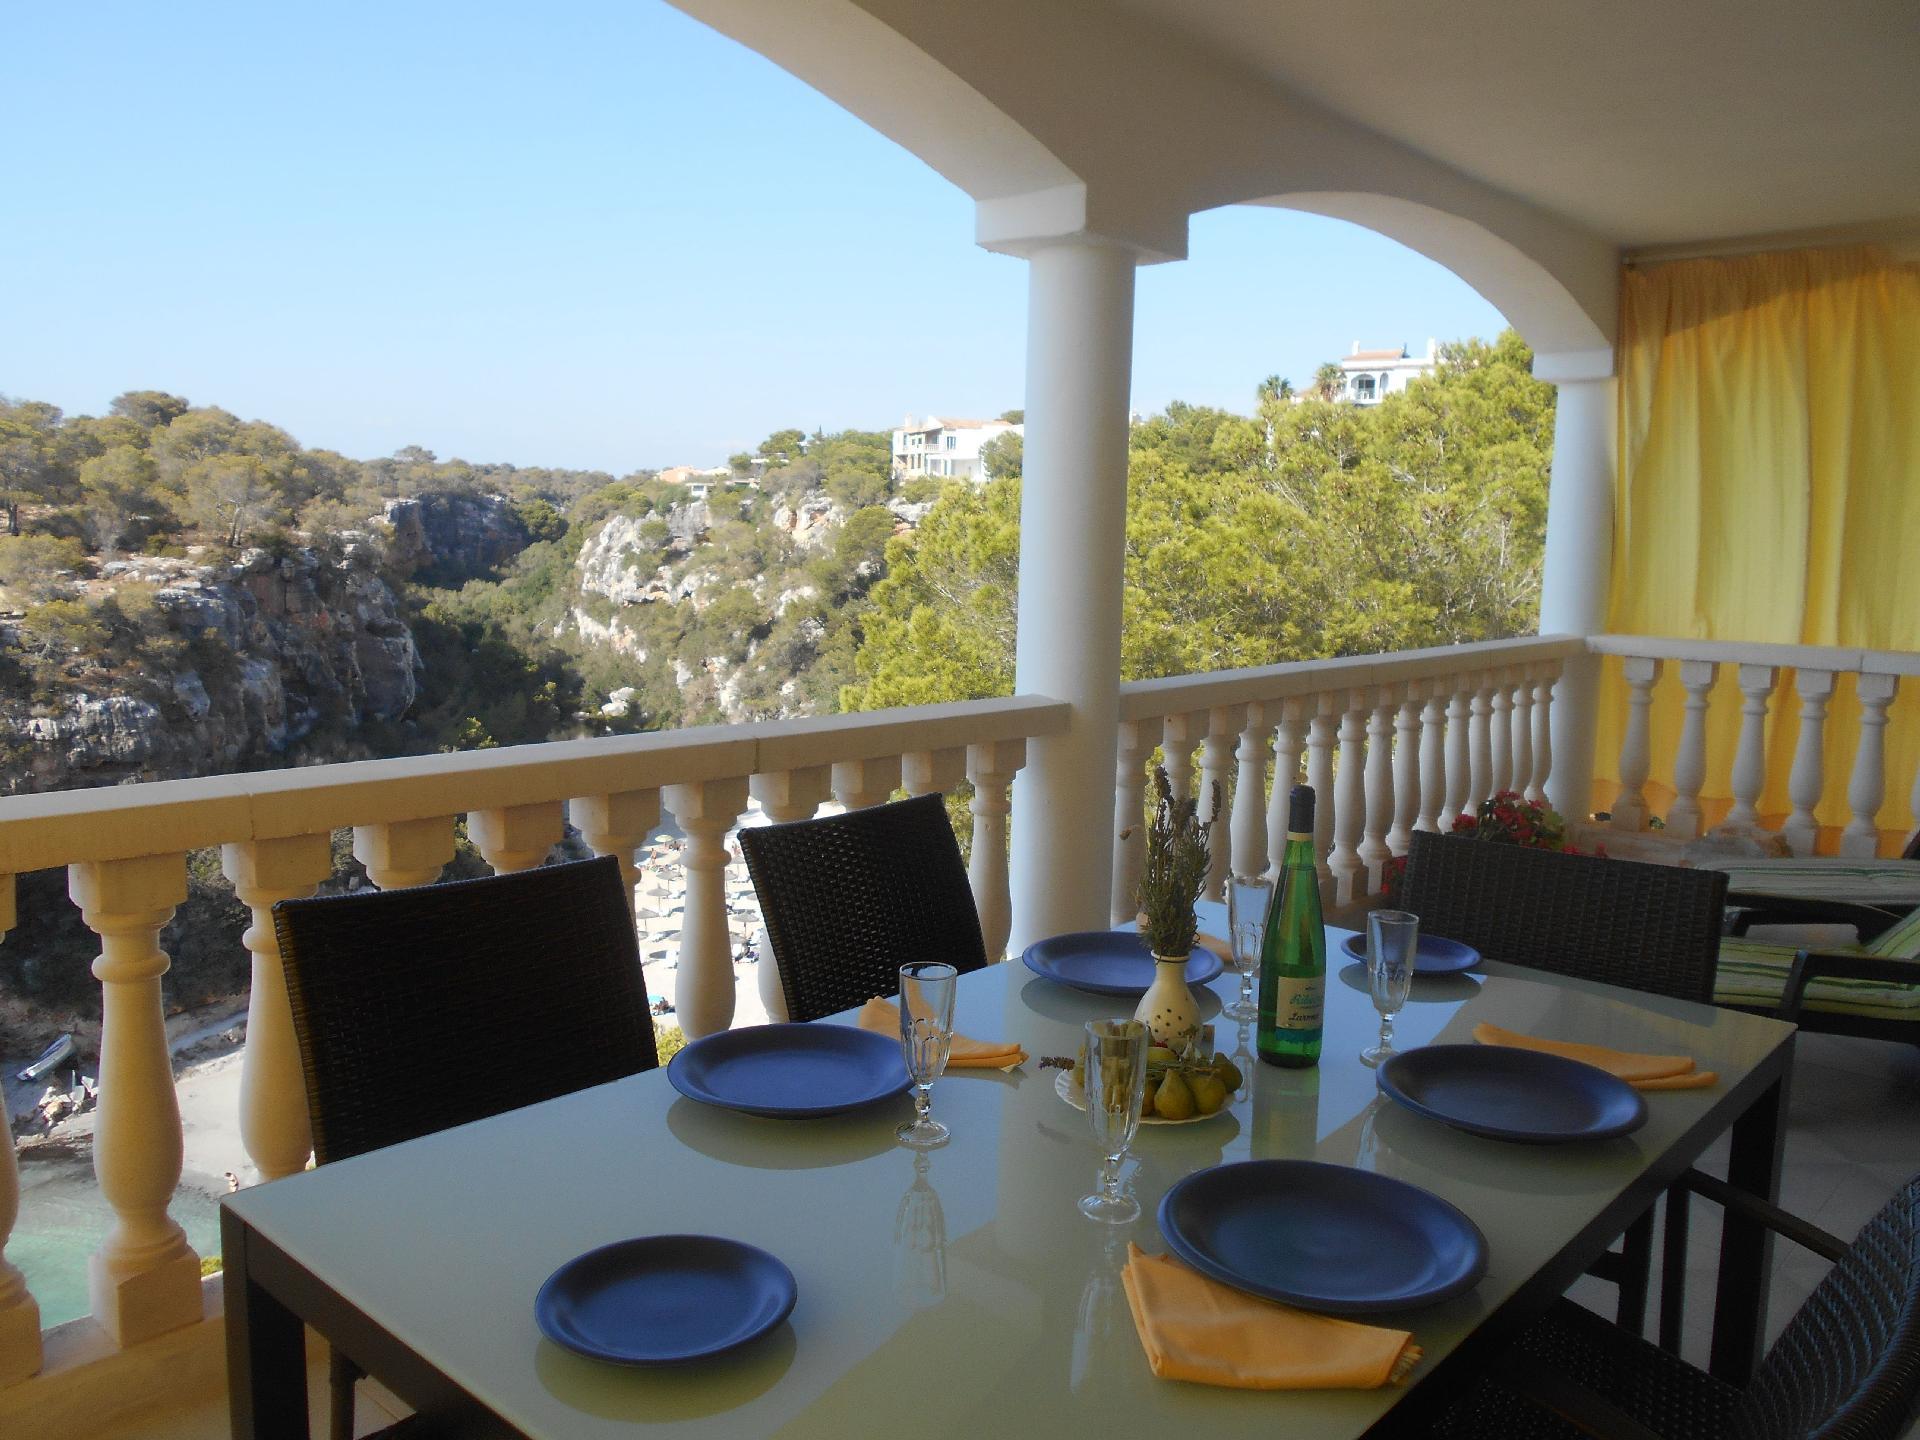 Gemütlich eingerichtetes Ferienhaus mit großem Balkon mit Blick auf das Meer und den Strand